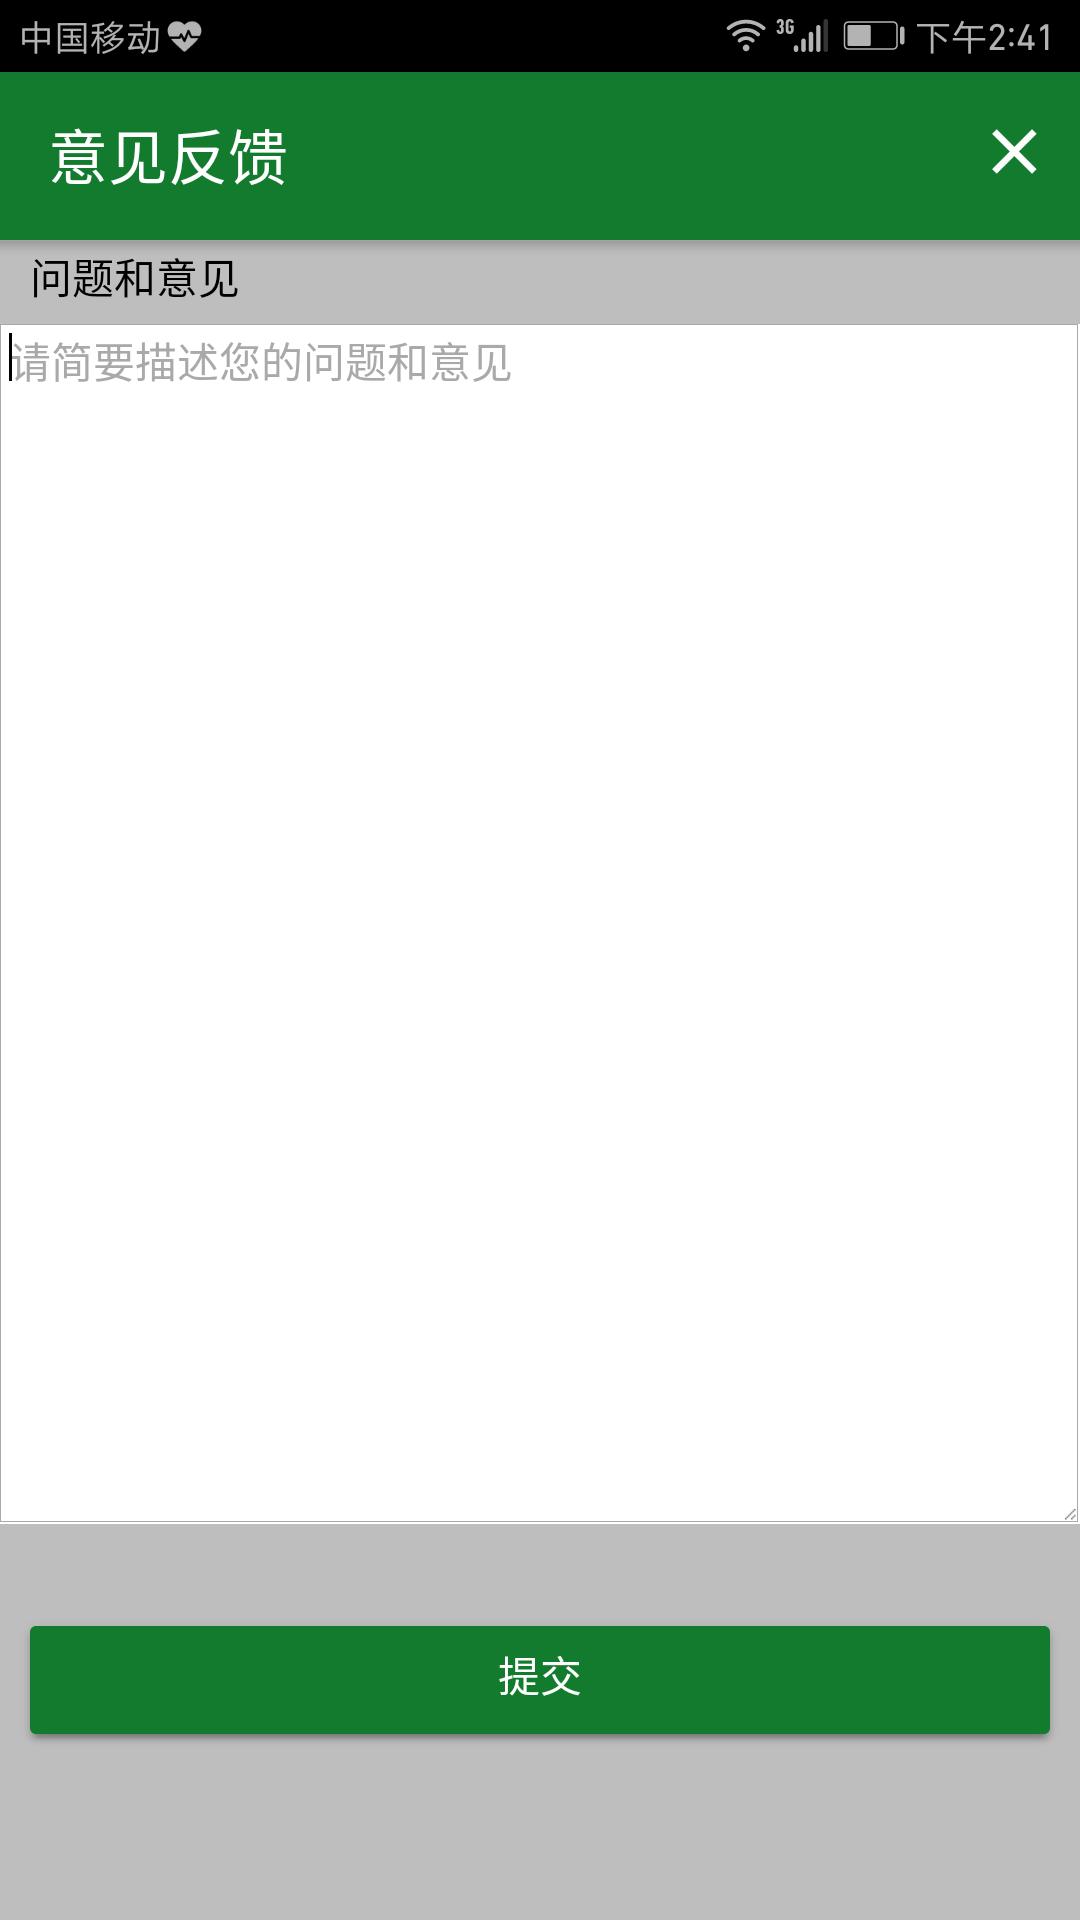 德州助手 v0.0.1图